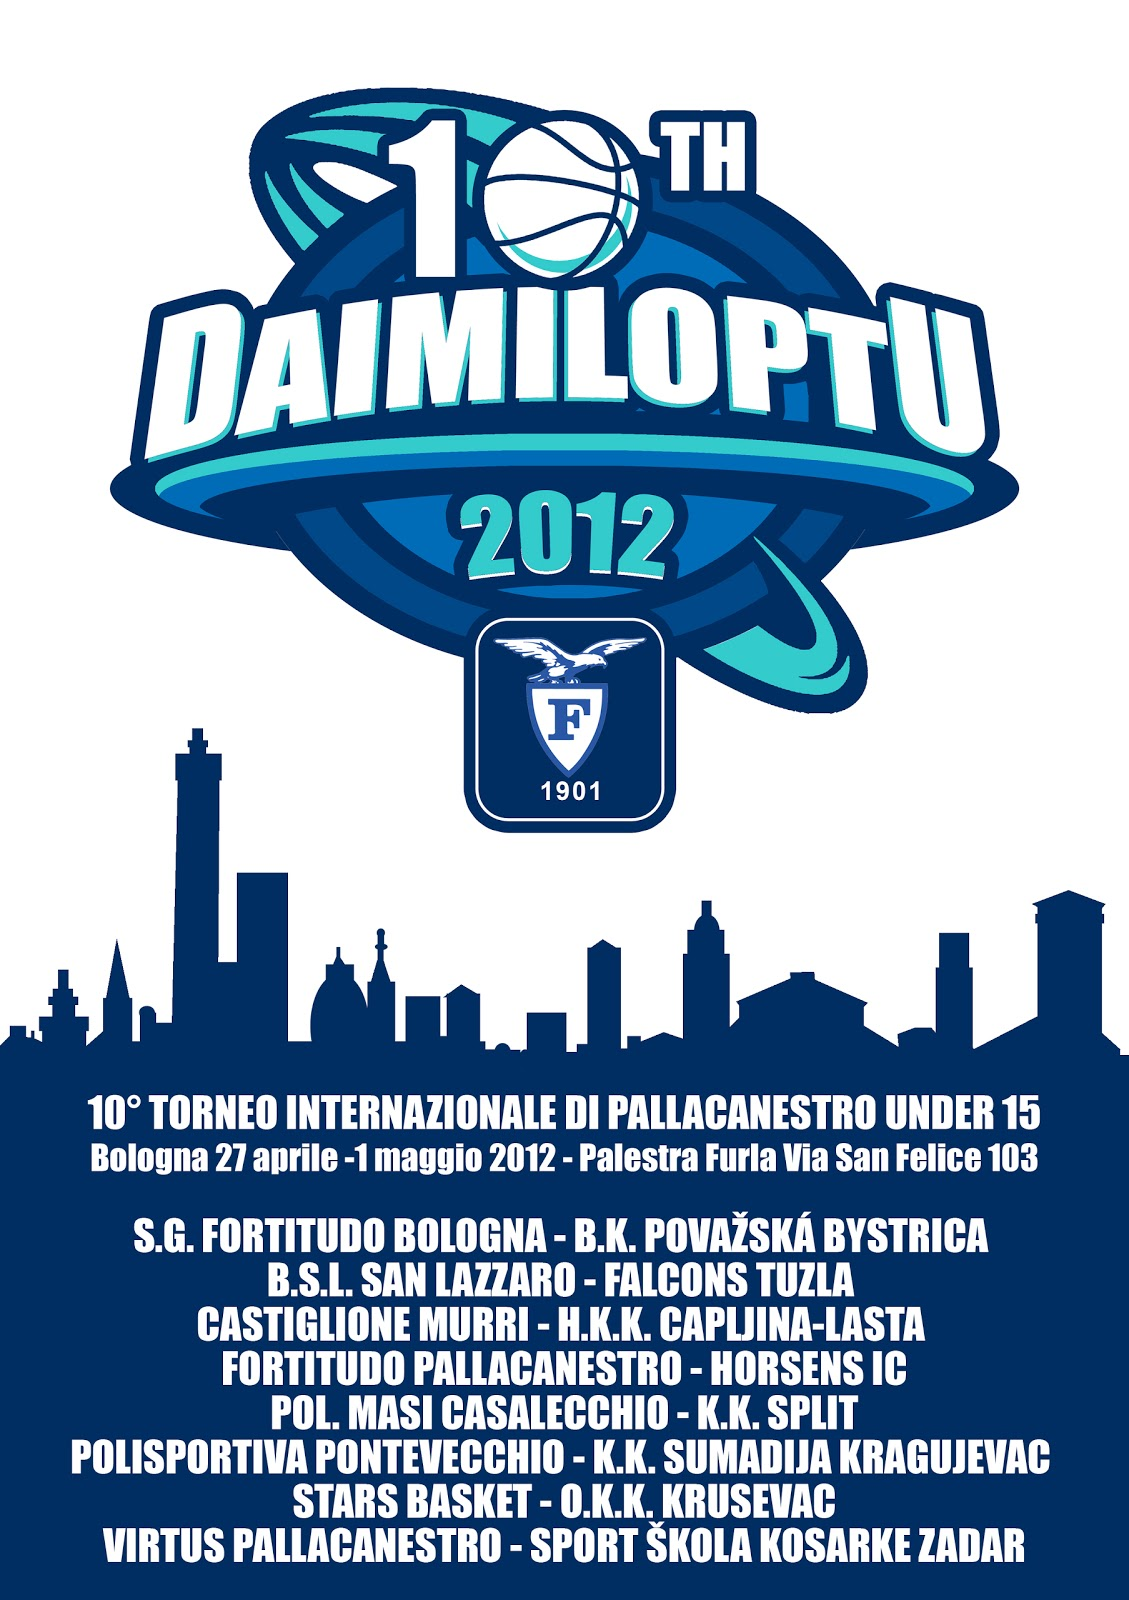 Fortitudo Calendario.Daimiloptu Gioca Chi Ospita Calendario Ufficiale